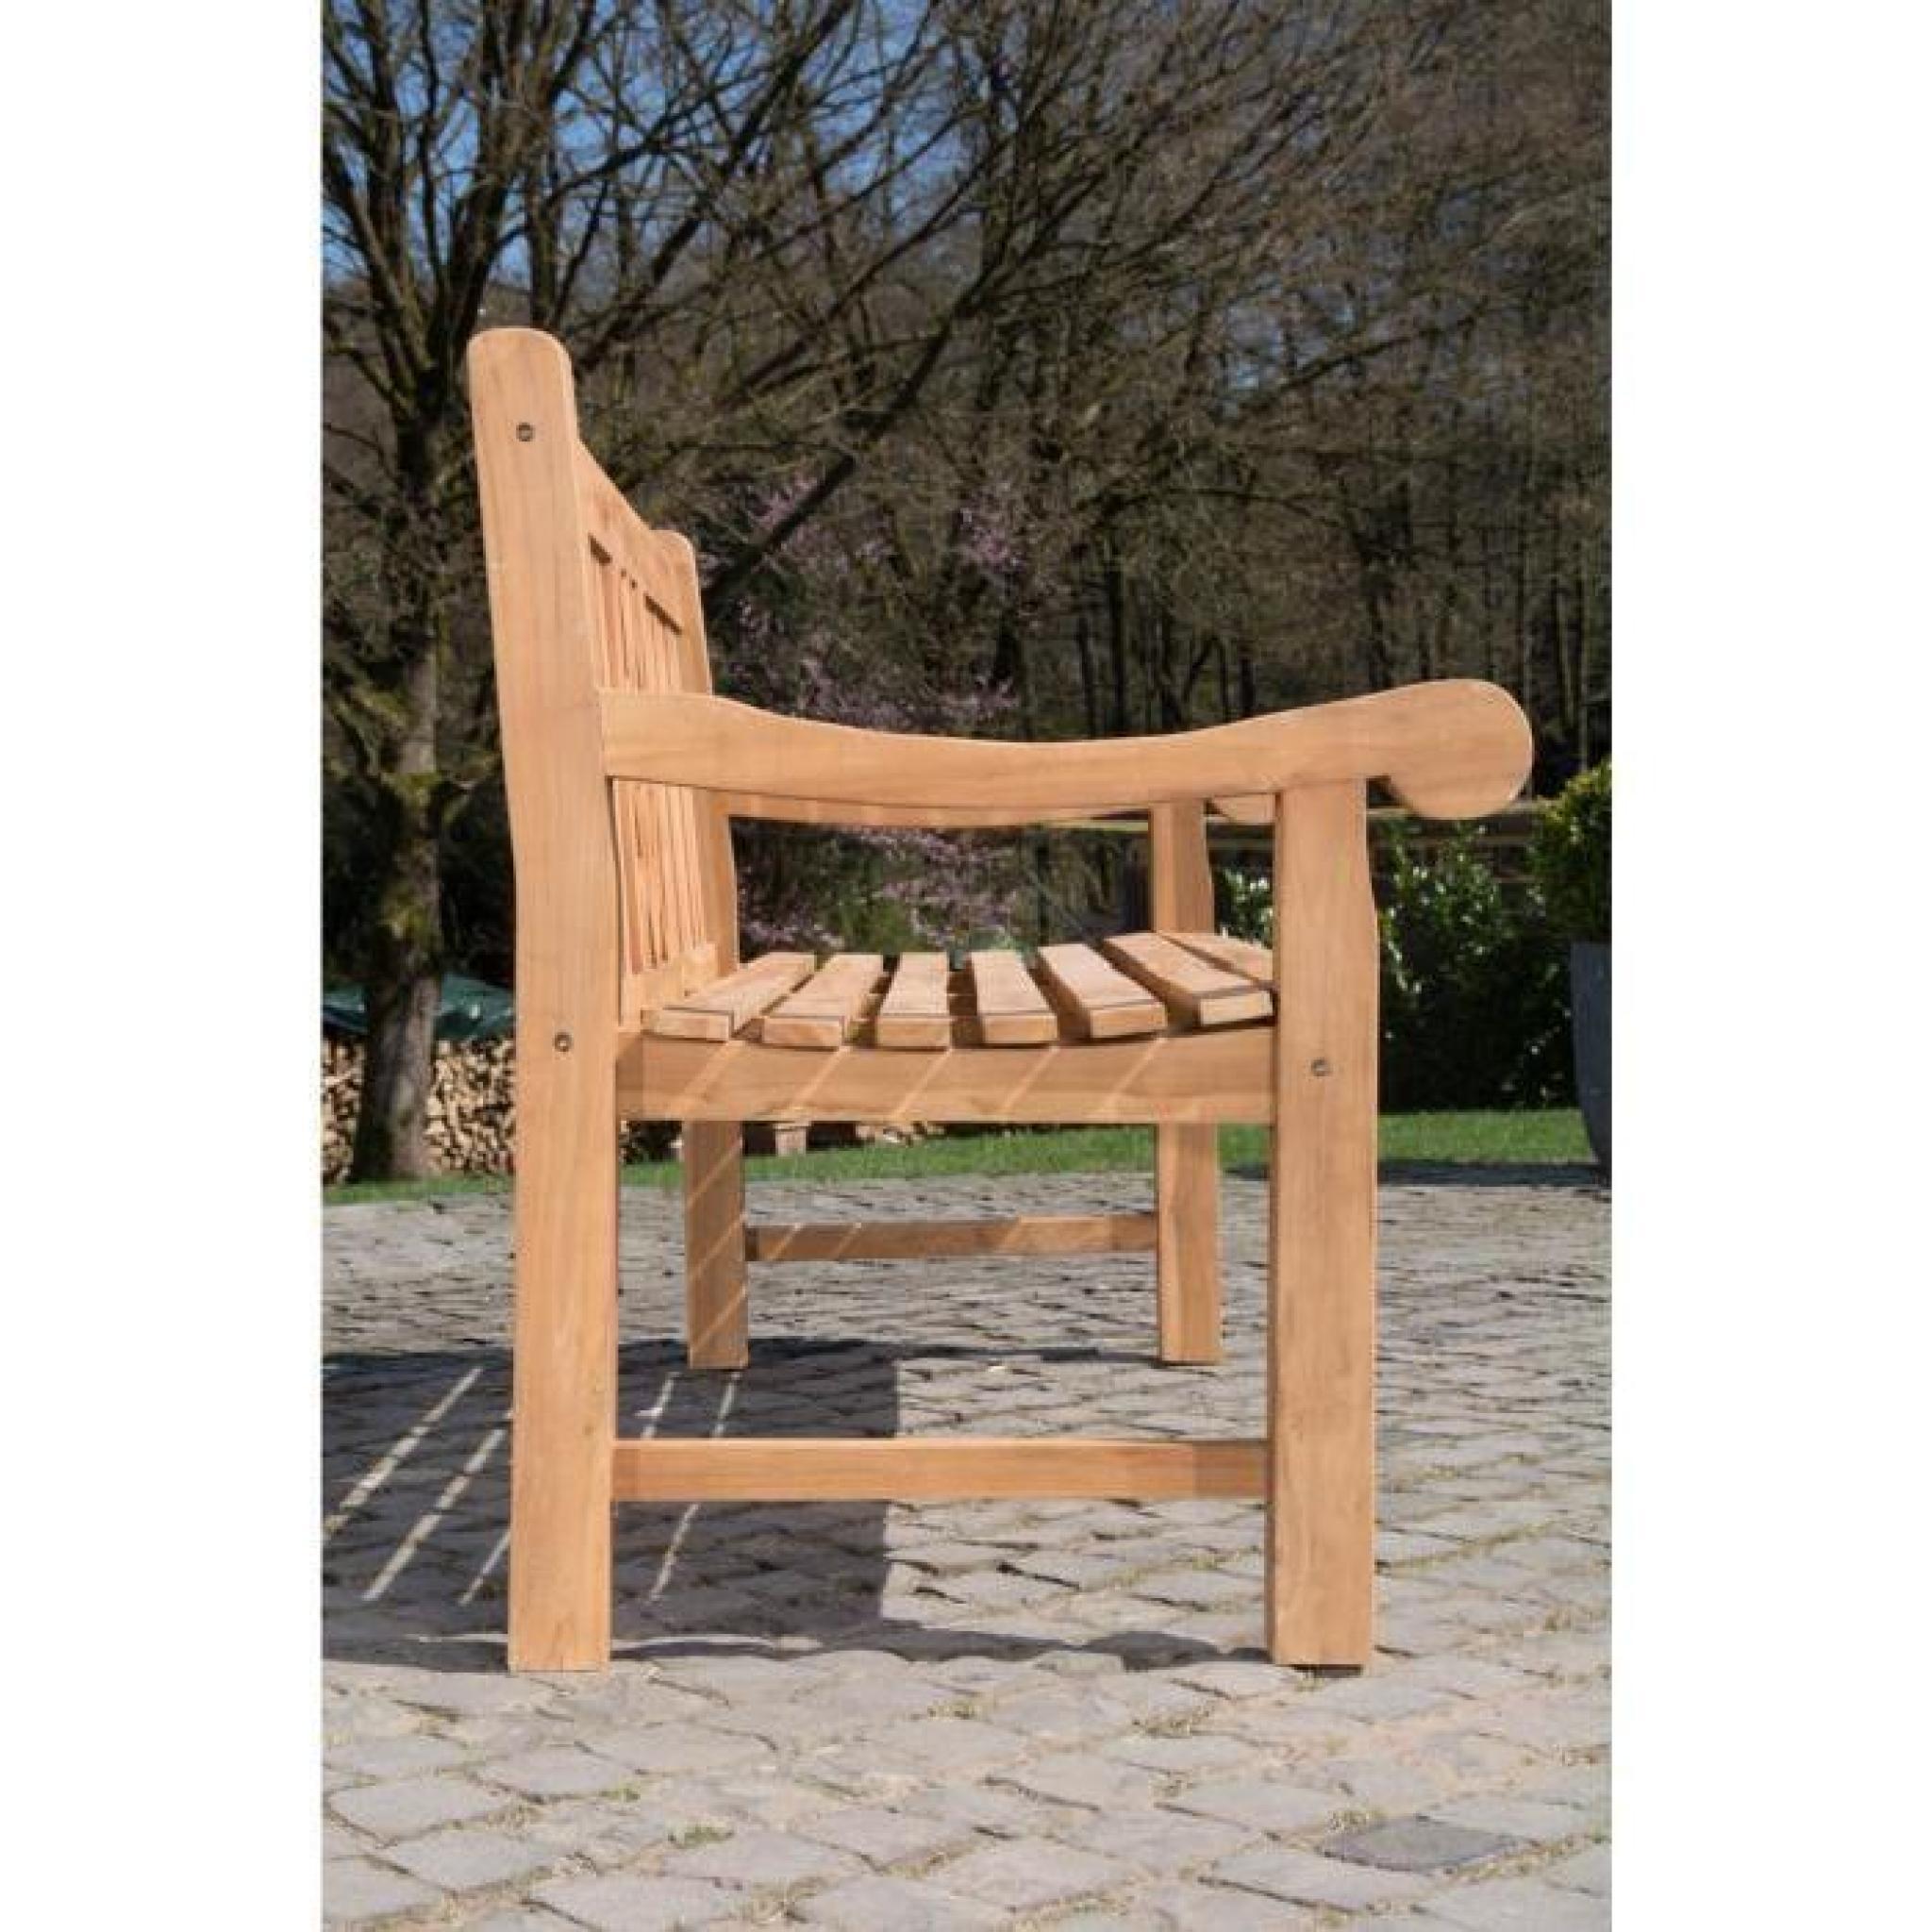 clp banc de jardin en bois de teck robuste florida v2. Black Bedroom Furniture Sets. Home Design Ideas